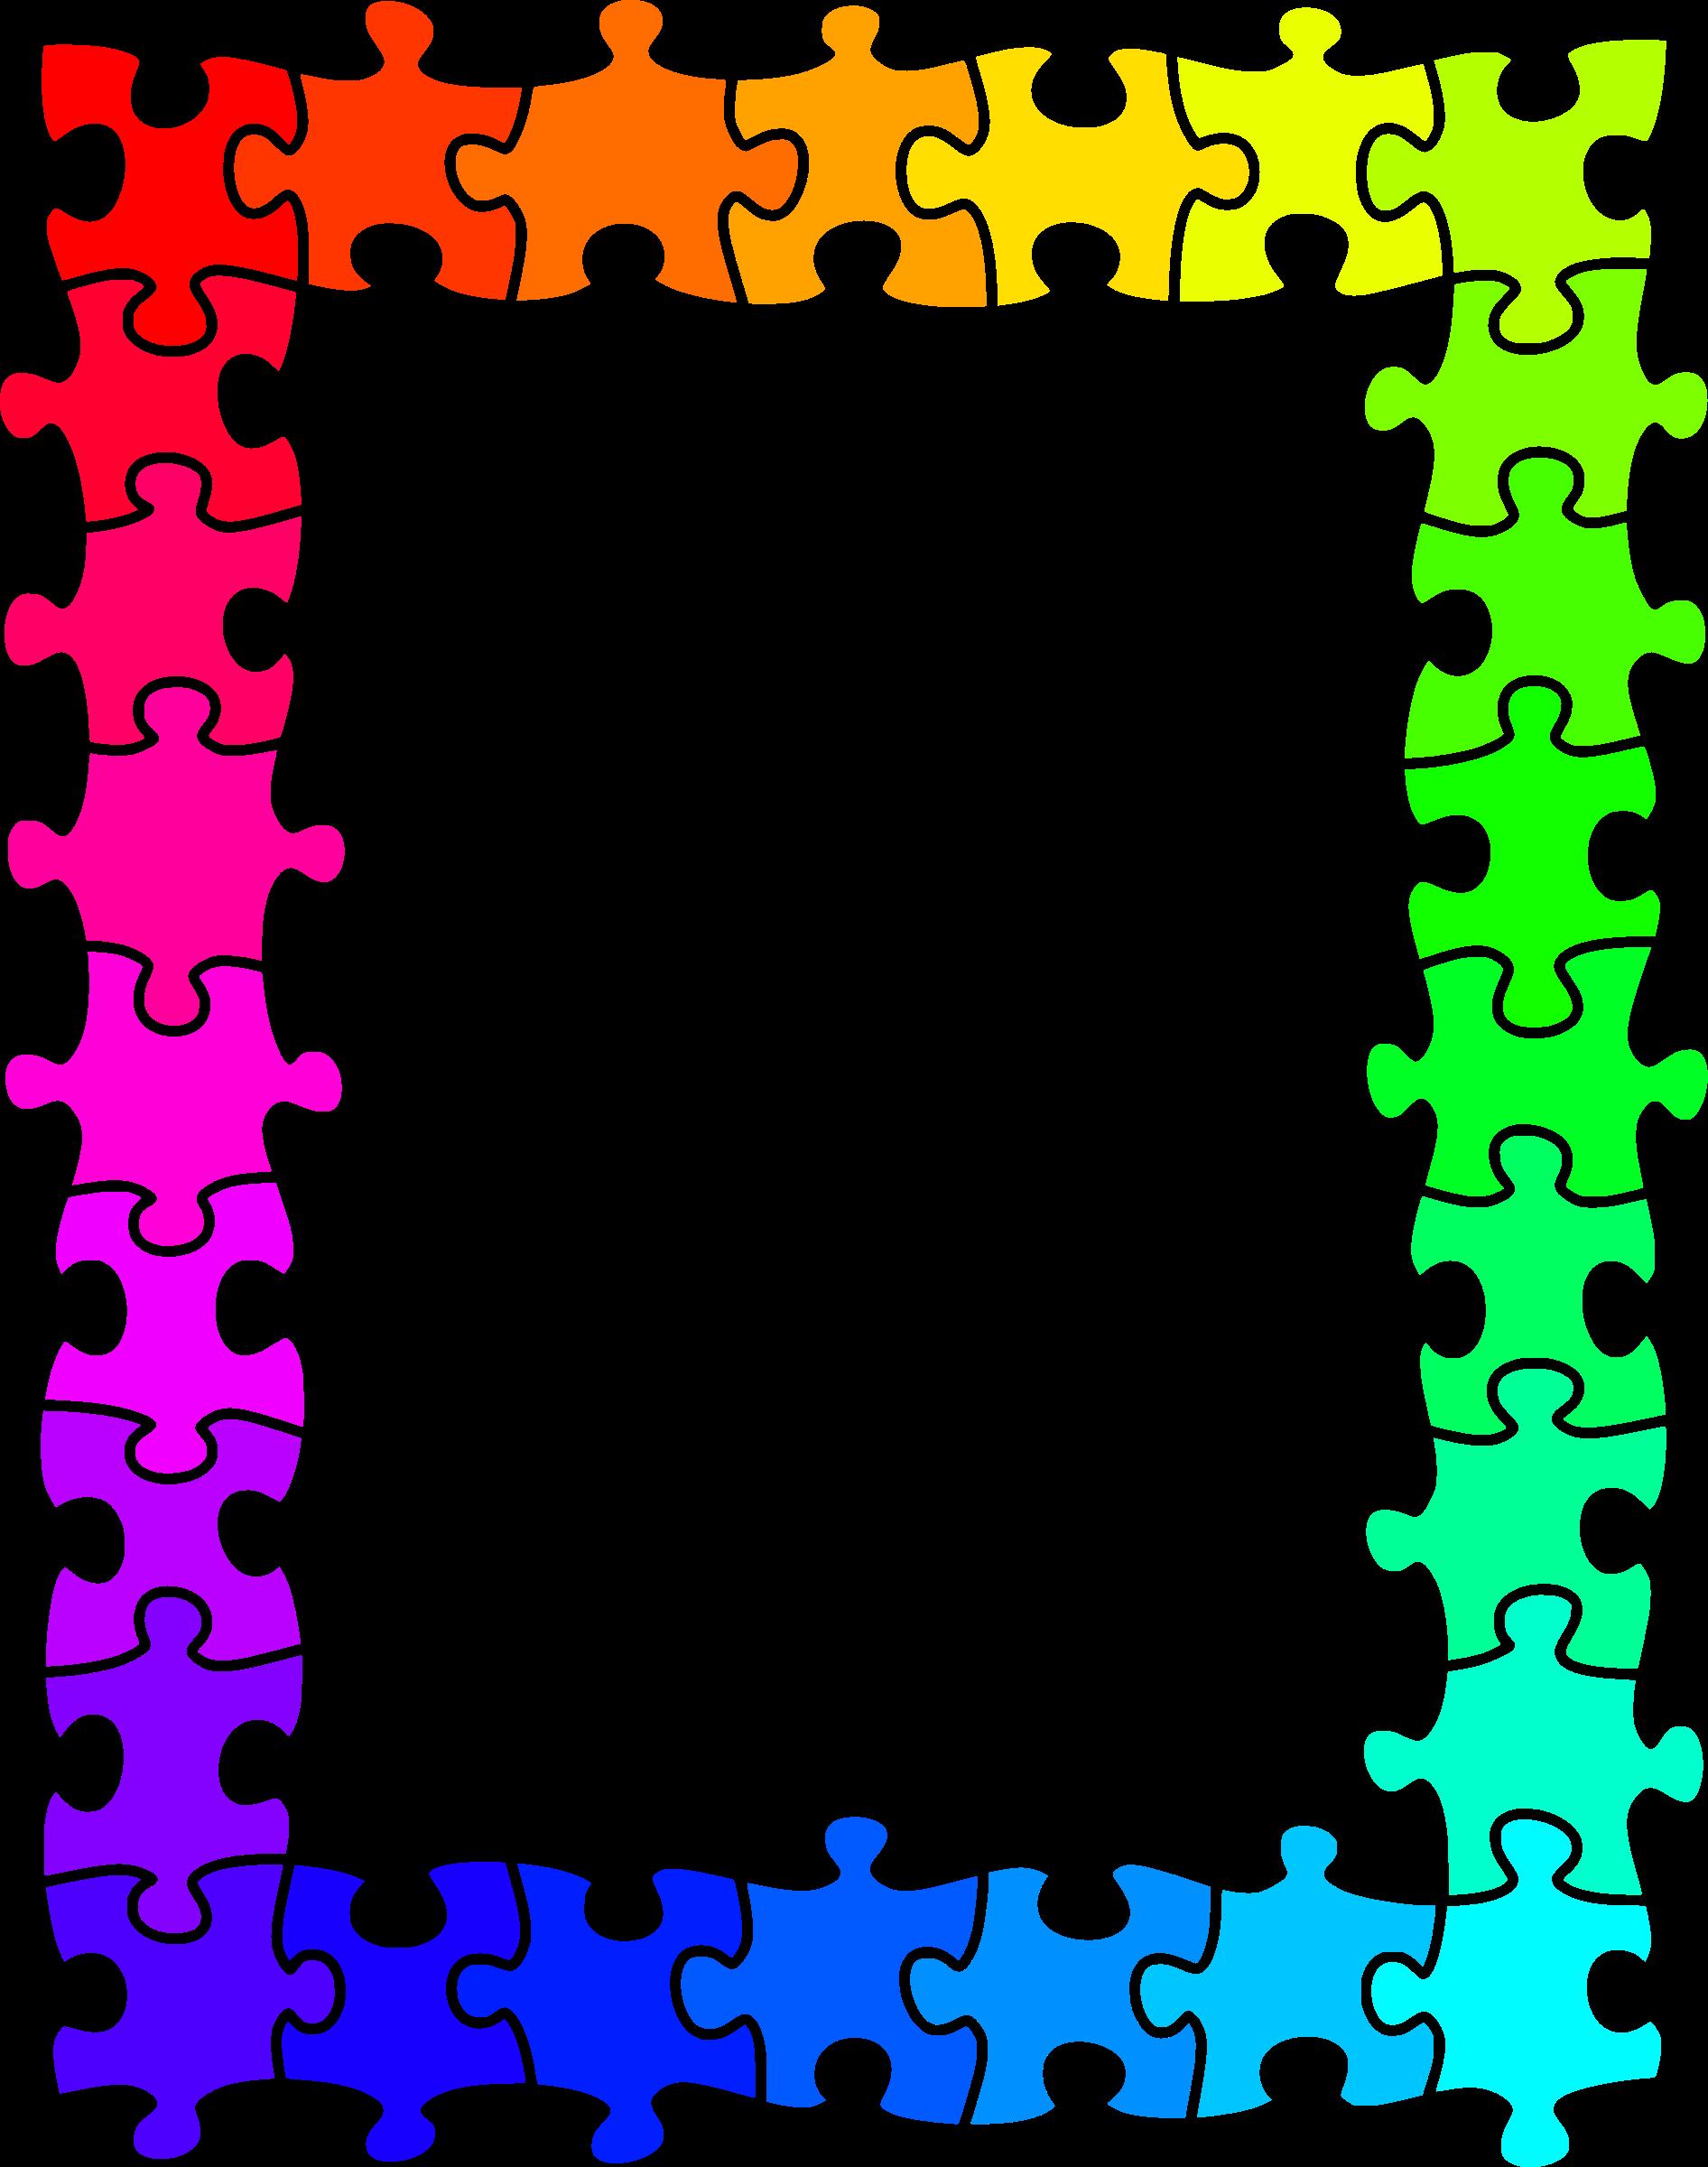 Jigsaw colours big image. Clipart rainbow frame